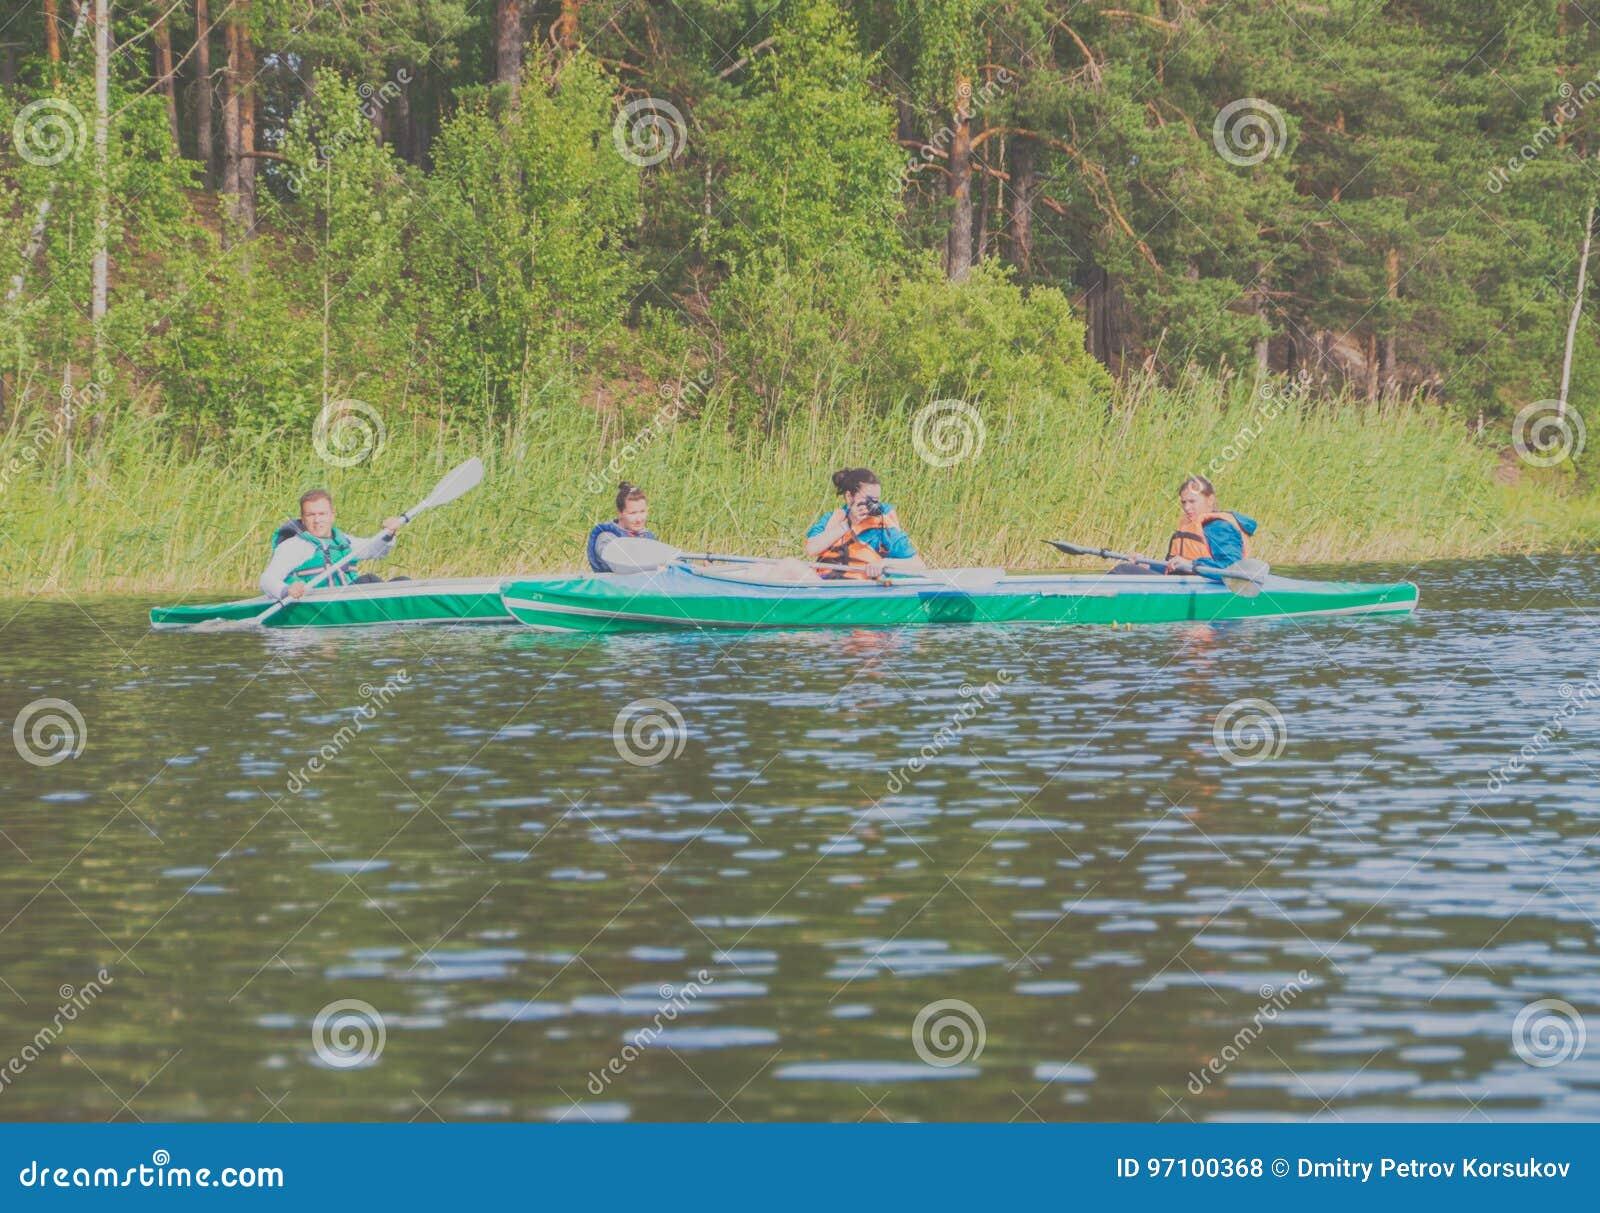 Juli 15, 2017 Ryssland, den Vuoksi floden, Losevo - en grupp av peop